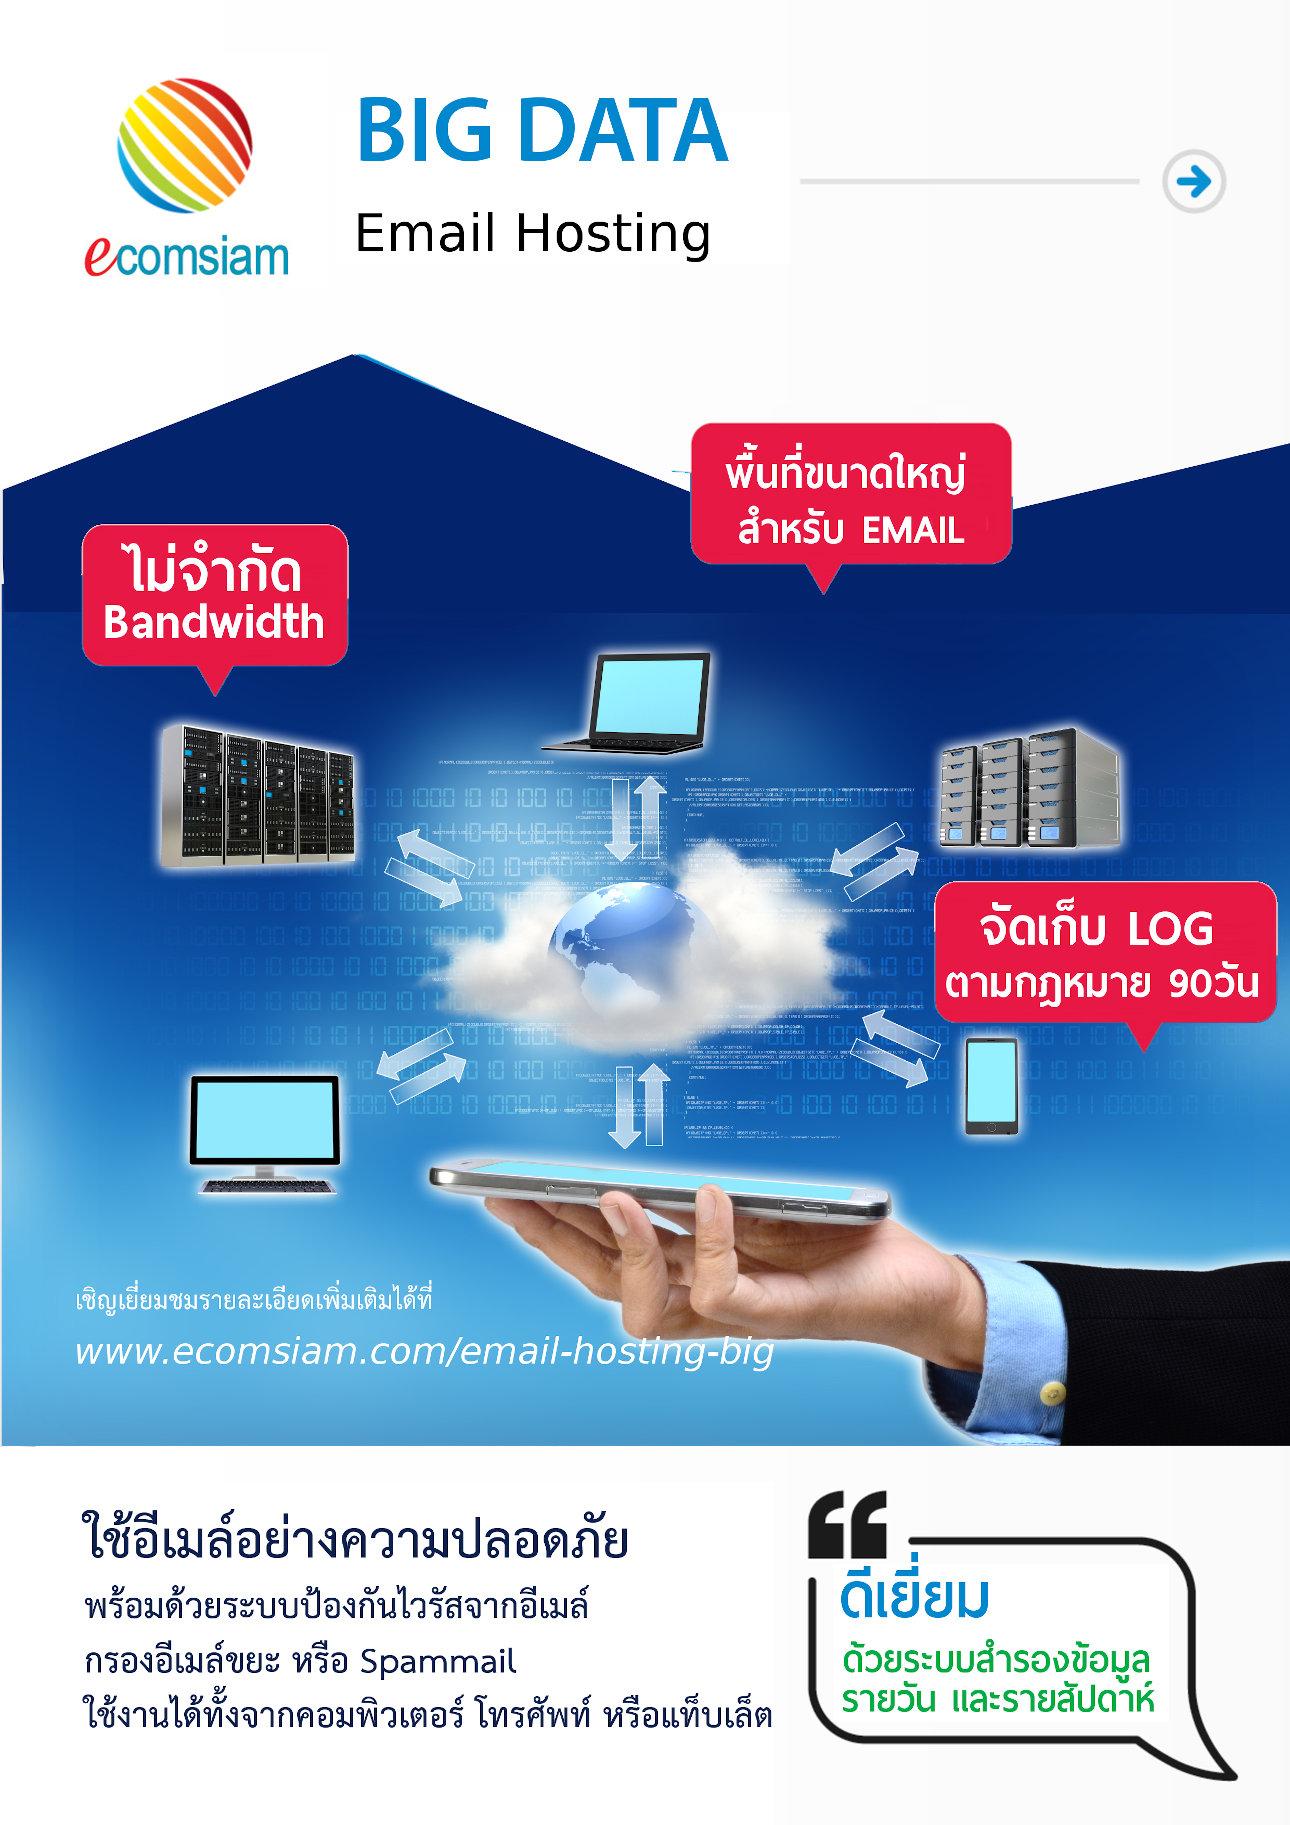 โบรชัวร์ email hosting bigdata พื้นที่มาก อีเมล์มาก ราคาไม่แพง แนะนำ email hosting